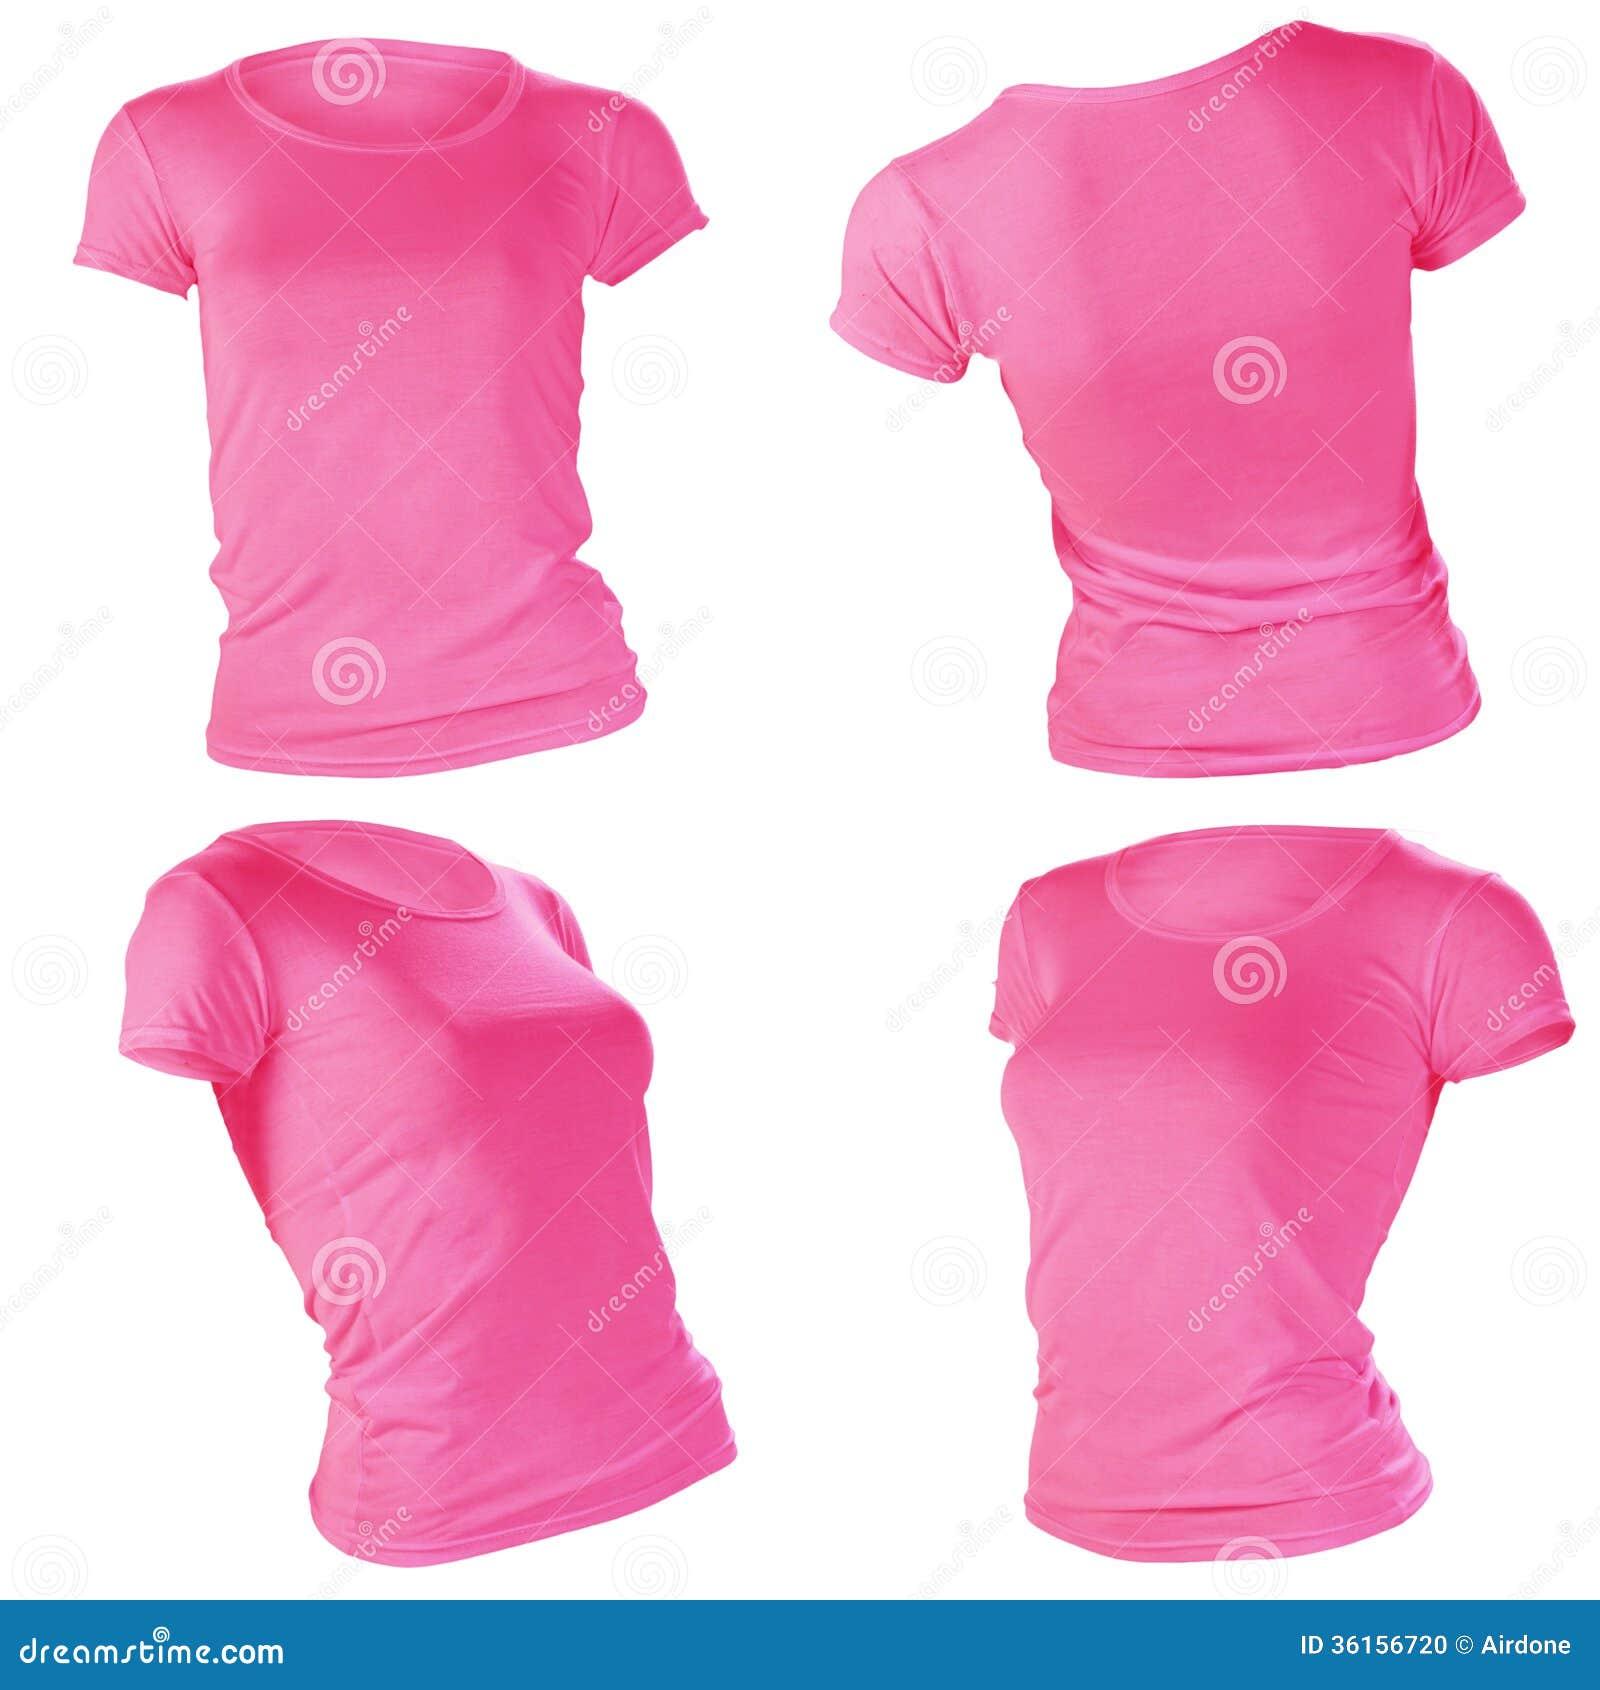 Women 39 s blank pink t shirt template stock photo image for Pink t shirt template